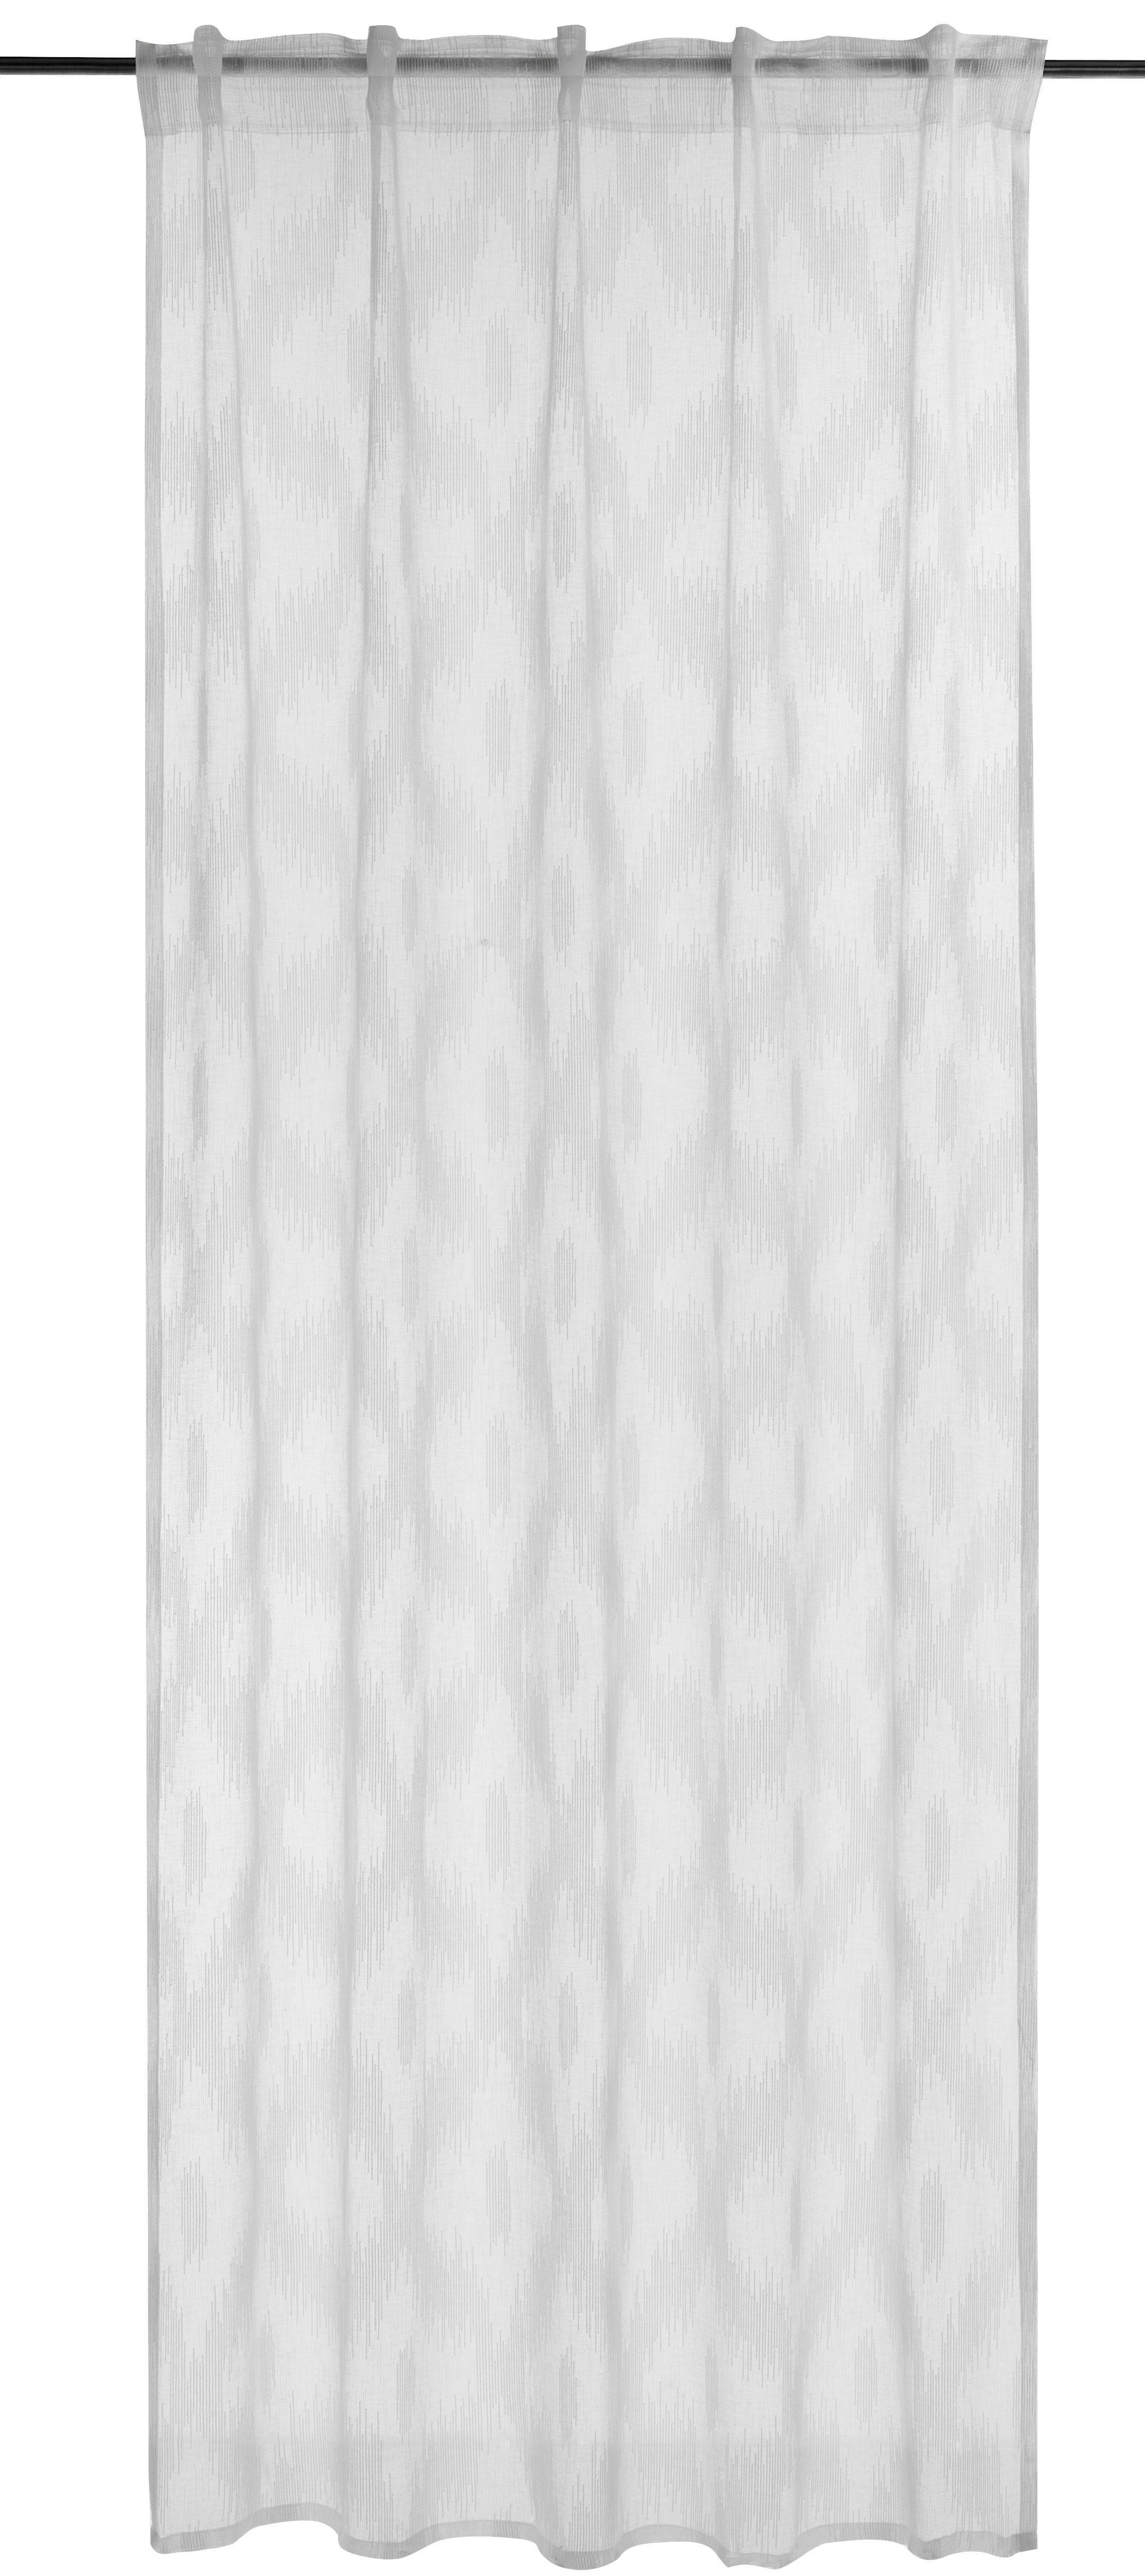 Gardine »FD Rhombus«, BARBARA Home Collection, verdeckte Schlaufen (1 Stück), FD Rhombus